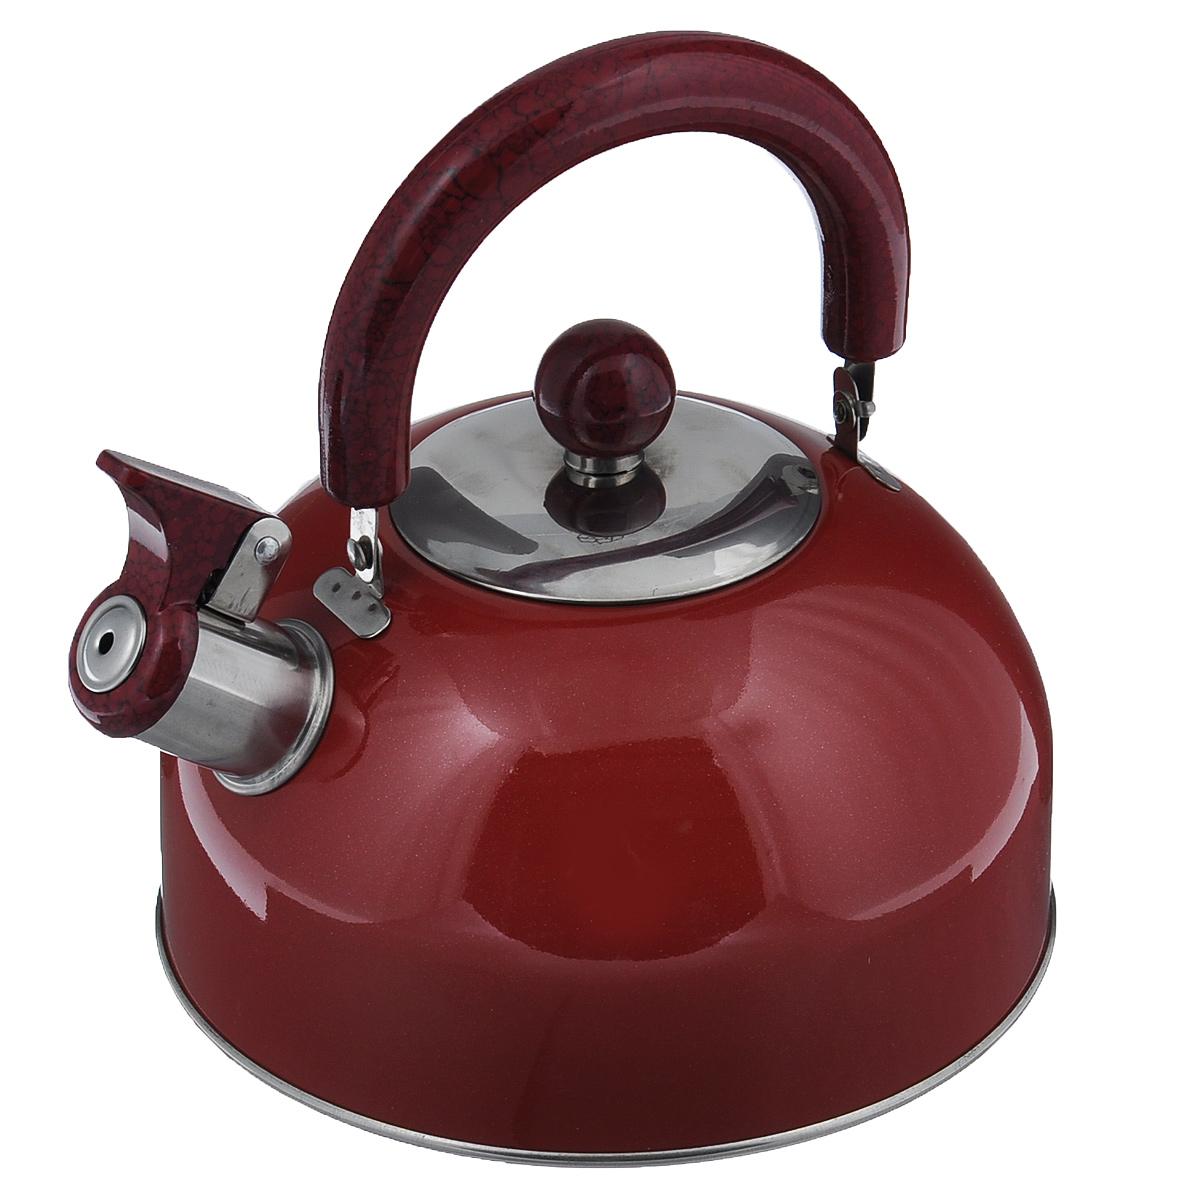 Чайник Mayer & Boch Modern со свистком, цвет: красный, 2 л. МВ-3226391602Чайник Mayer & Boch Modern изготовлен из высококачественной нержавеющей стали. Гладкая и ровная поверхность существенно облегчает уход. Он оснащен удобной нейлоновой ручкой, которая не нагревается даже при продолжительном периоде нагрева воды. Носик чайника имеет насадку-свисток, что позволит вам контролировать процесс подогрева или кипячения воды. Выполненный из качественных материалов чайник Mayer & Boch Modern при кипячении сохраняет все полезные свойства воды. Чайник пригоден для использования на всех типах плит, кроме индукционных. Можно мыть в посудомоечной машине.Диаметр чайника по верхнему краю: 8,5 см.Диаметр основания: 19 см.Высота чайника (без учета ручки и крышки): 10 см.УВАЖАЕМЫЕ КЛИЕНТЫ!Обращаем ваше внимание на тот факт, что указан максимальный объем чайника с учетом полного наполнения до кромки. Объем чайника с учетом наполнения до уровня носика составляет 1,5 литра.